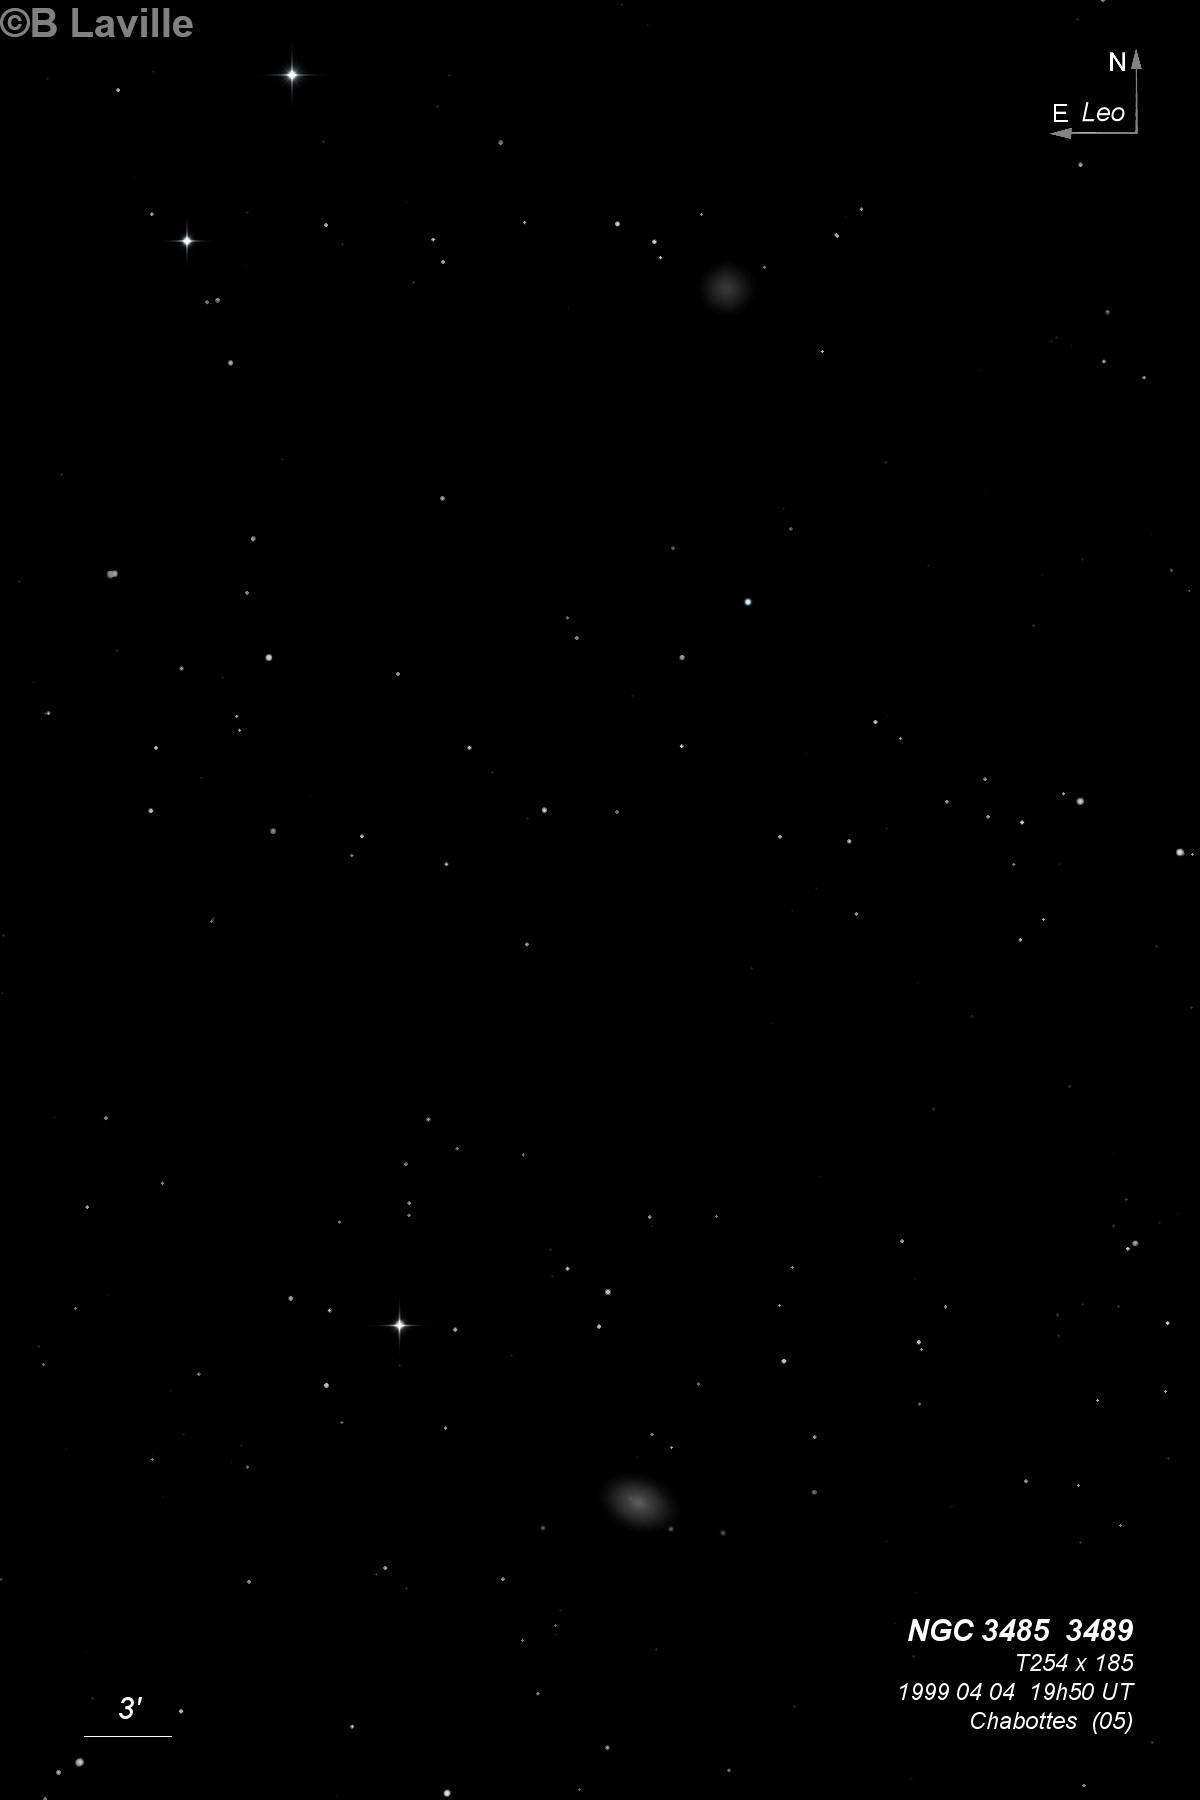 NGC 3485 & NGC 3489